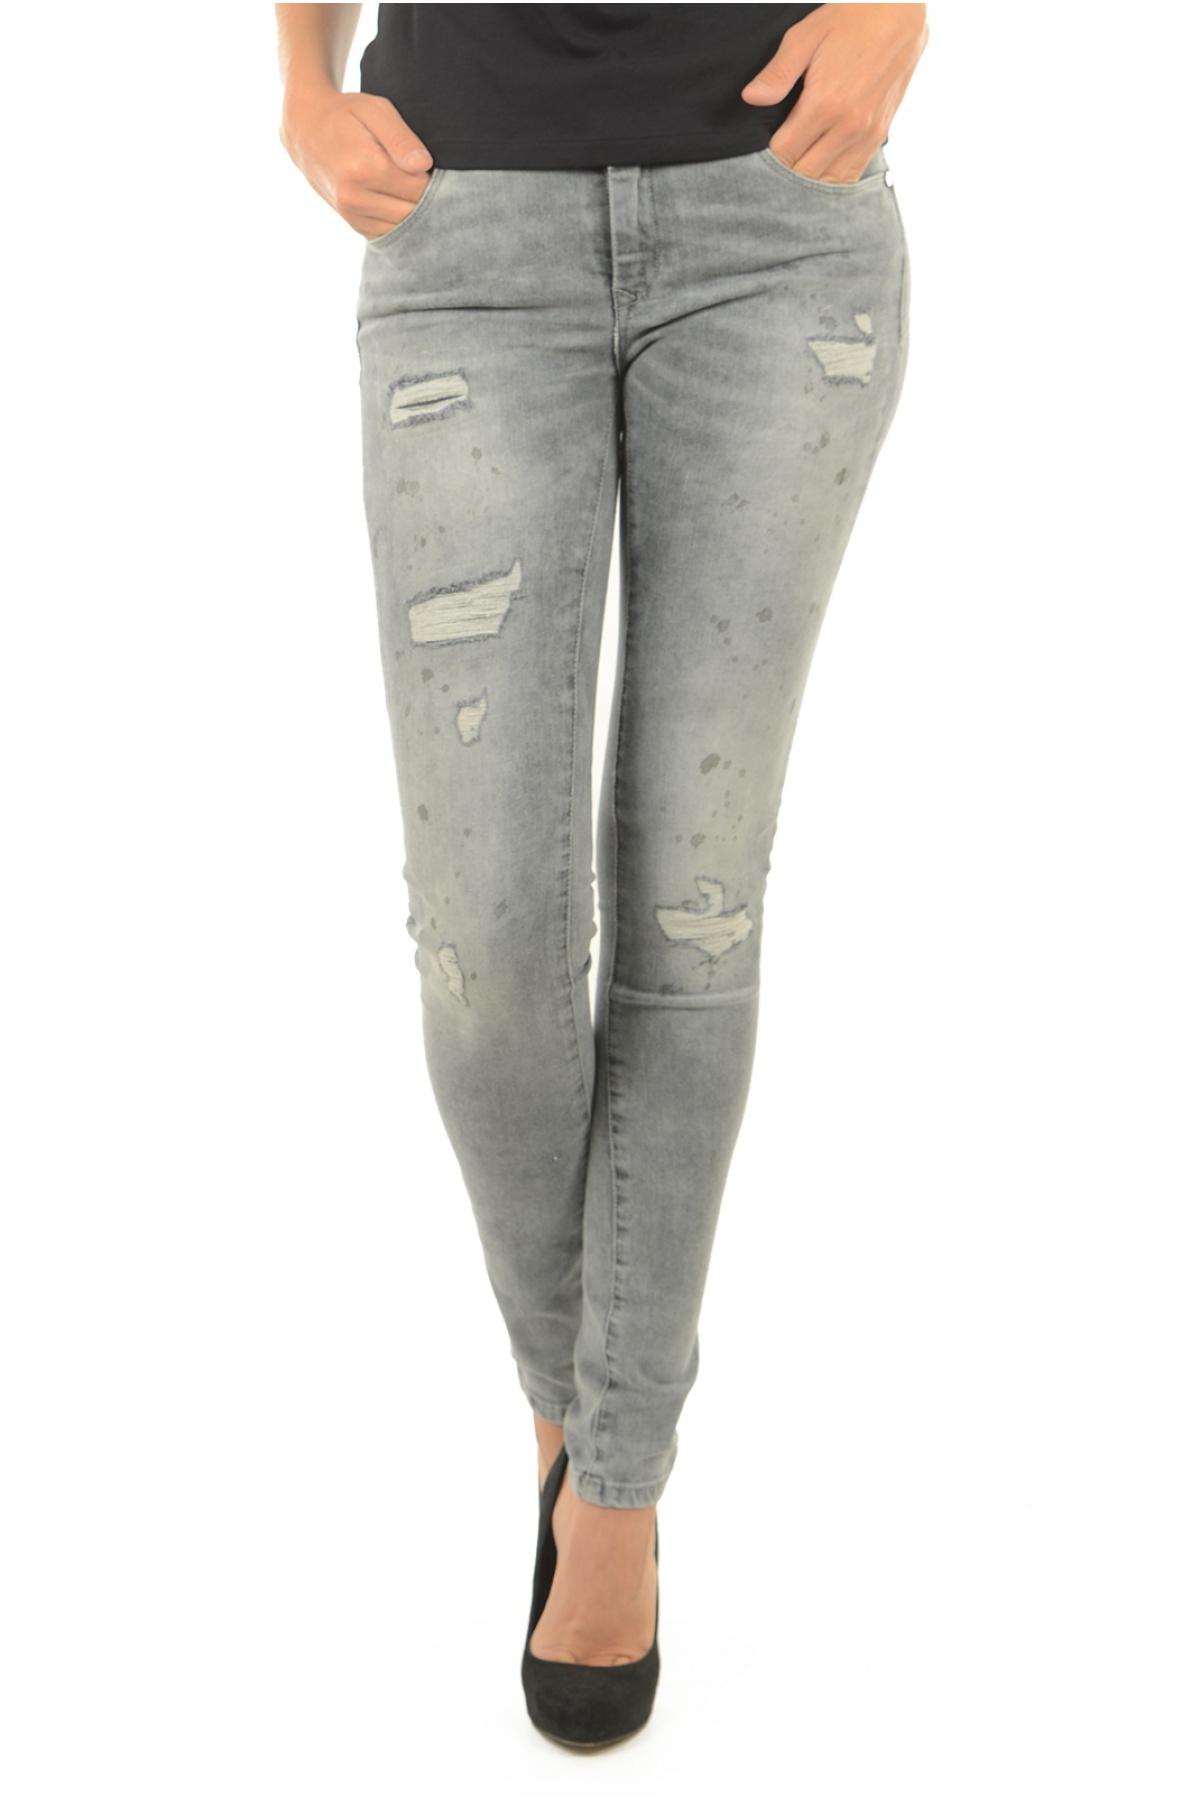 Jeans Kaporal Femme 27